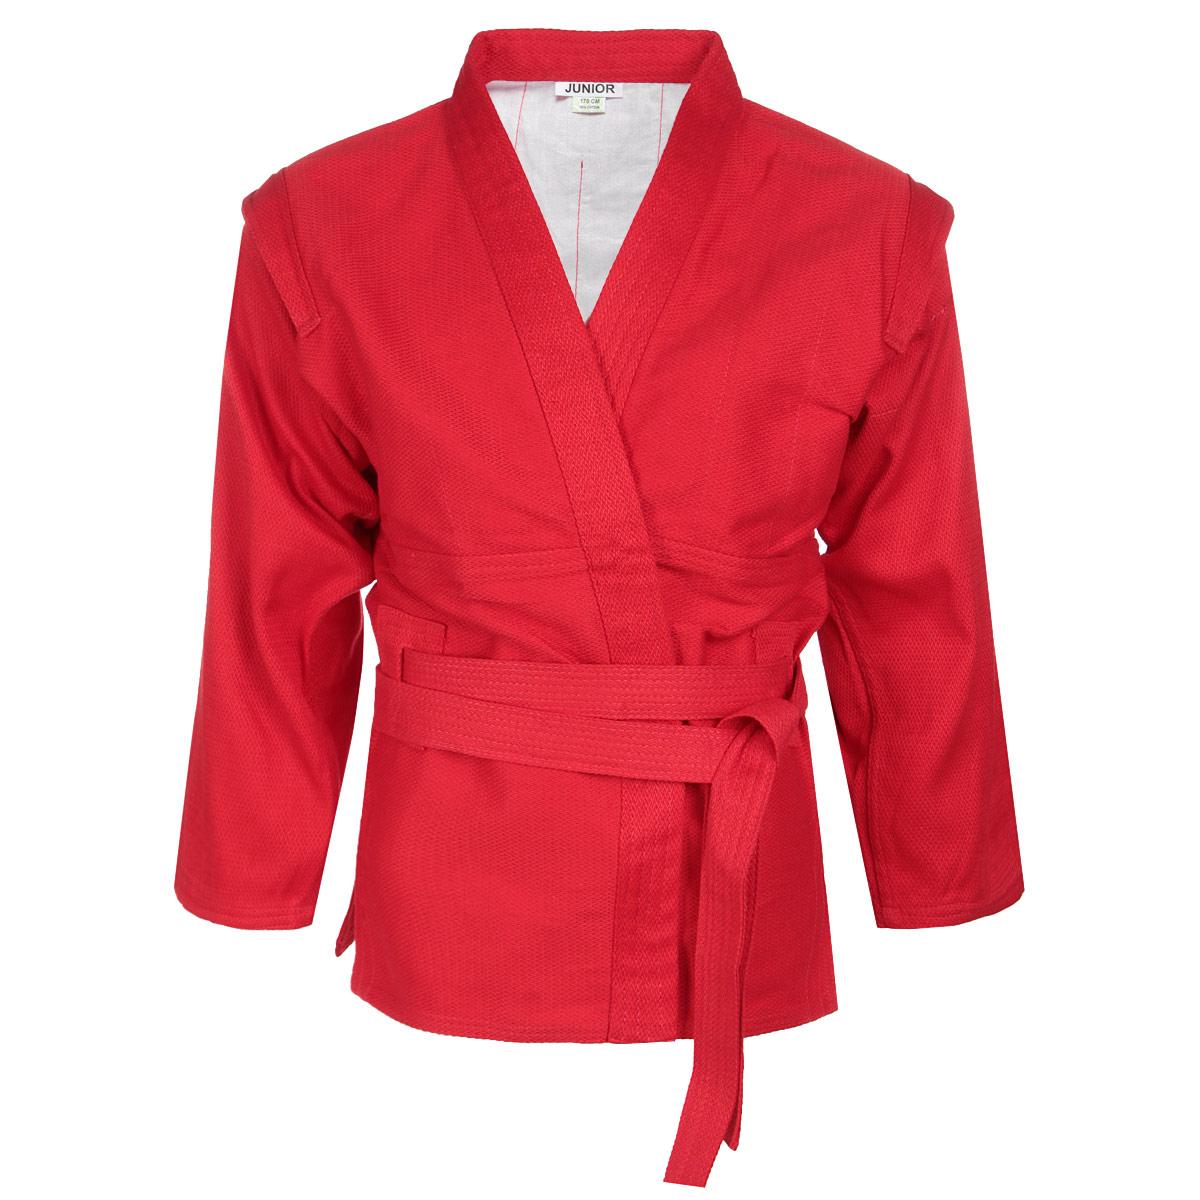 Кимоно для самбоSСJ-2201Детское кимоно для самбо Green Hill Junior с глубоким запахом, боковыми разрезами и длинным рукавом изготовлено из плотного хлопка (плотность 300 г/м2) с плетением елочка. На изнаночной стороне для максимального комфорта до линии талии предусмотрена хлопковая подкладка. Боковые швы, края рукавов и полочек, низ изделия укреплены дополнительными строчками. Модель укреплена в подмышечной области. В области верхней части спины имеет особые прорези, в которые вставляется пояс, на плечах добавлены выступающие крылышки, предназначенные для выполнения захватов. Длинный плотный пояс укреплен многорядной прострочкой.